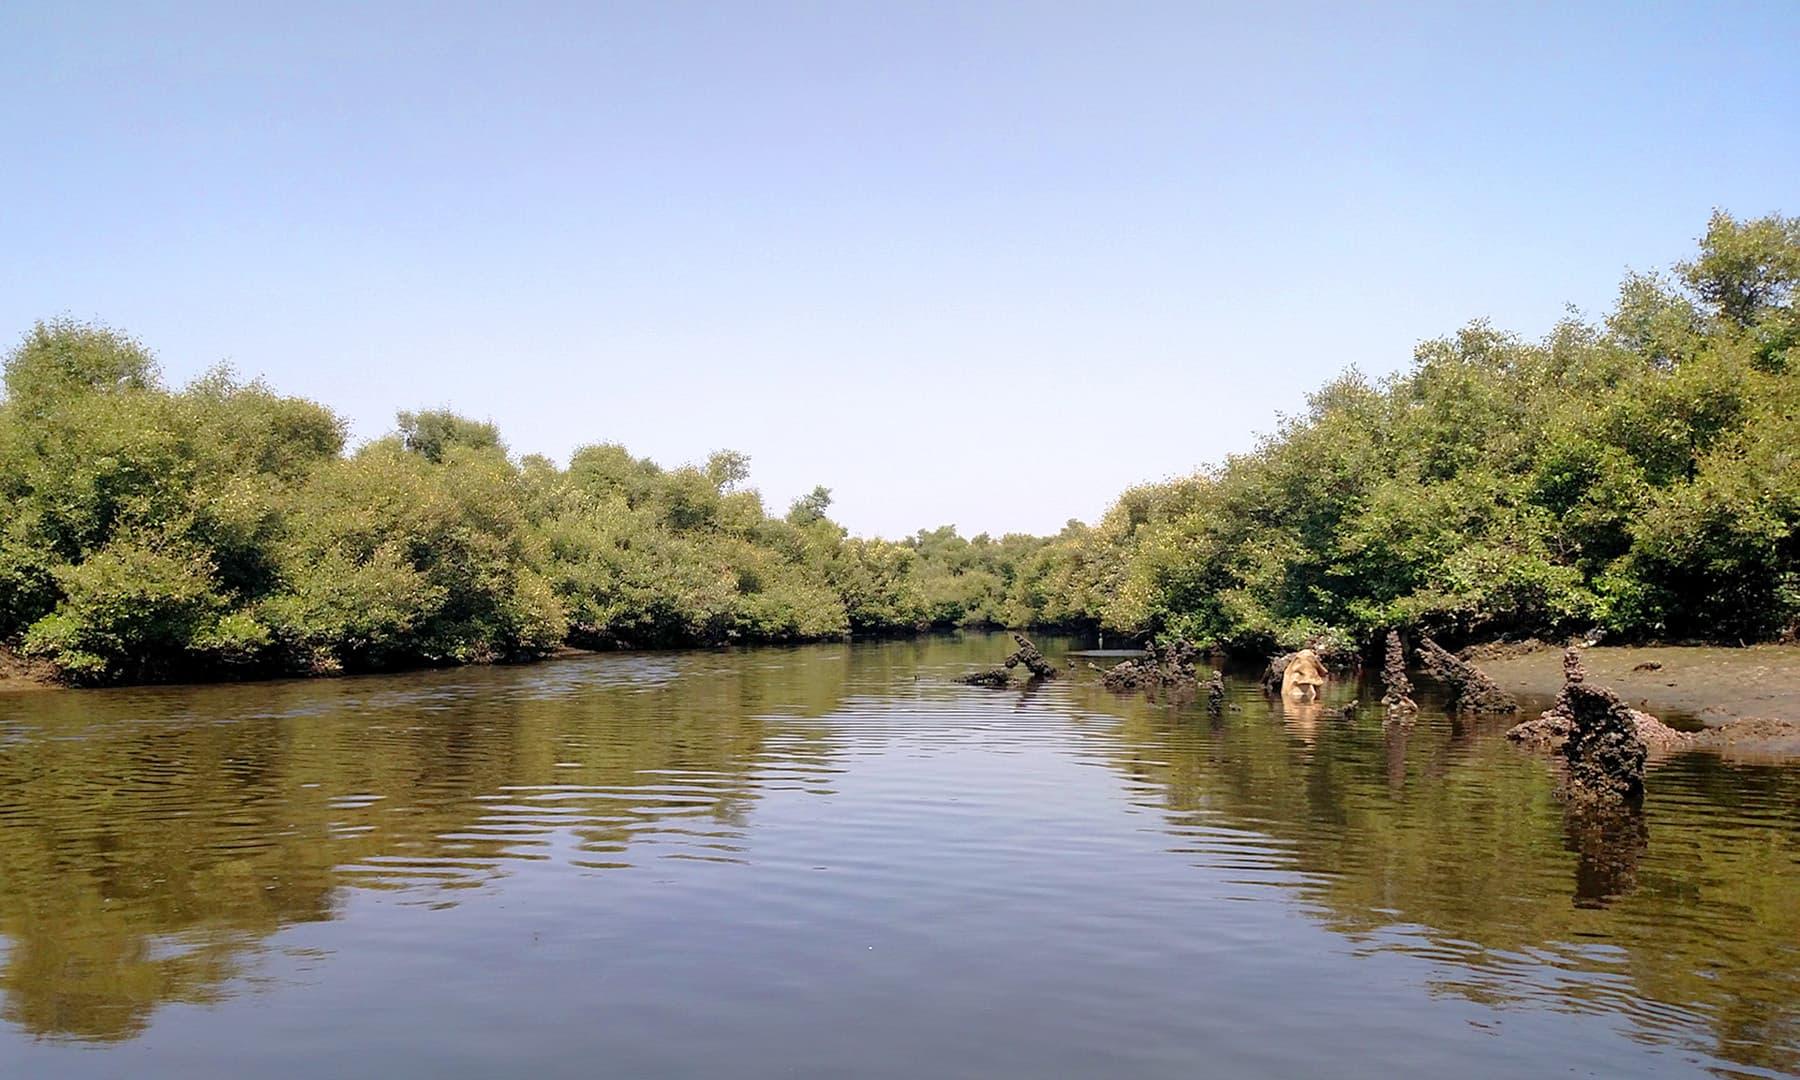 سینڈزپٹ کے ساحل کی دوسری جانب موجود پانی اور مینگرووز کے جنگلات — فوٹو بشکریہ لکھاری